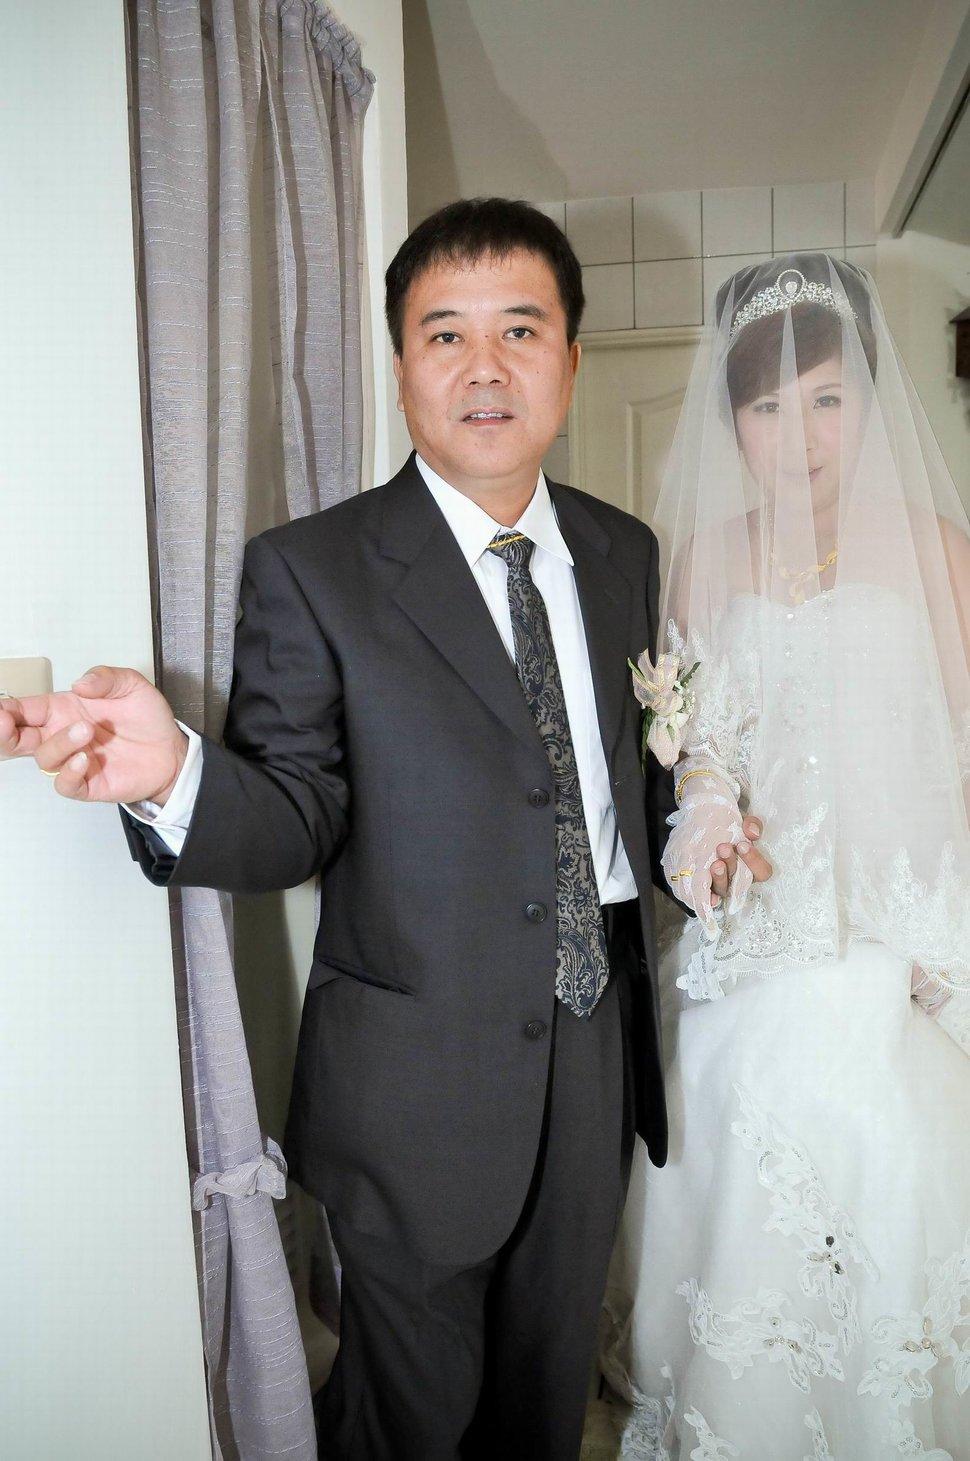 專業婚攝婚禮紀錄婚禮紀錄專業錄影婚禮錄影婚禮記錄動態微電影錄影專業錄影平面攝影婚攝婚禮主持人(編號:280482) - 蜜月拍照10800錄影12800攝影團隊 - 結婚吧